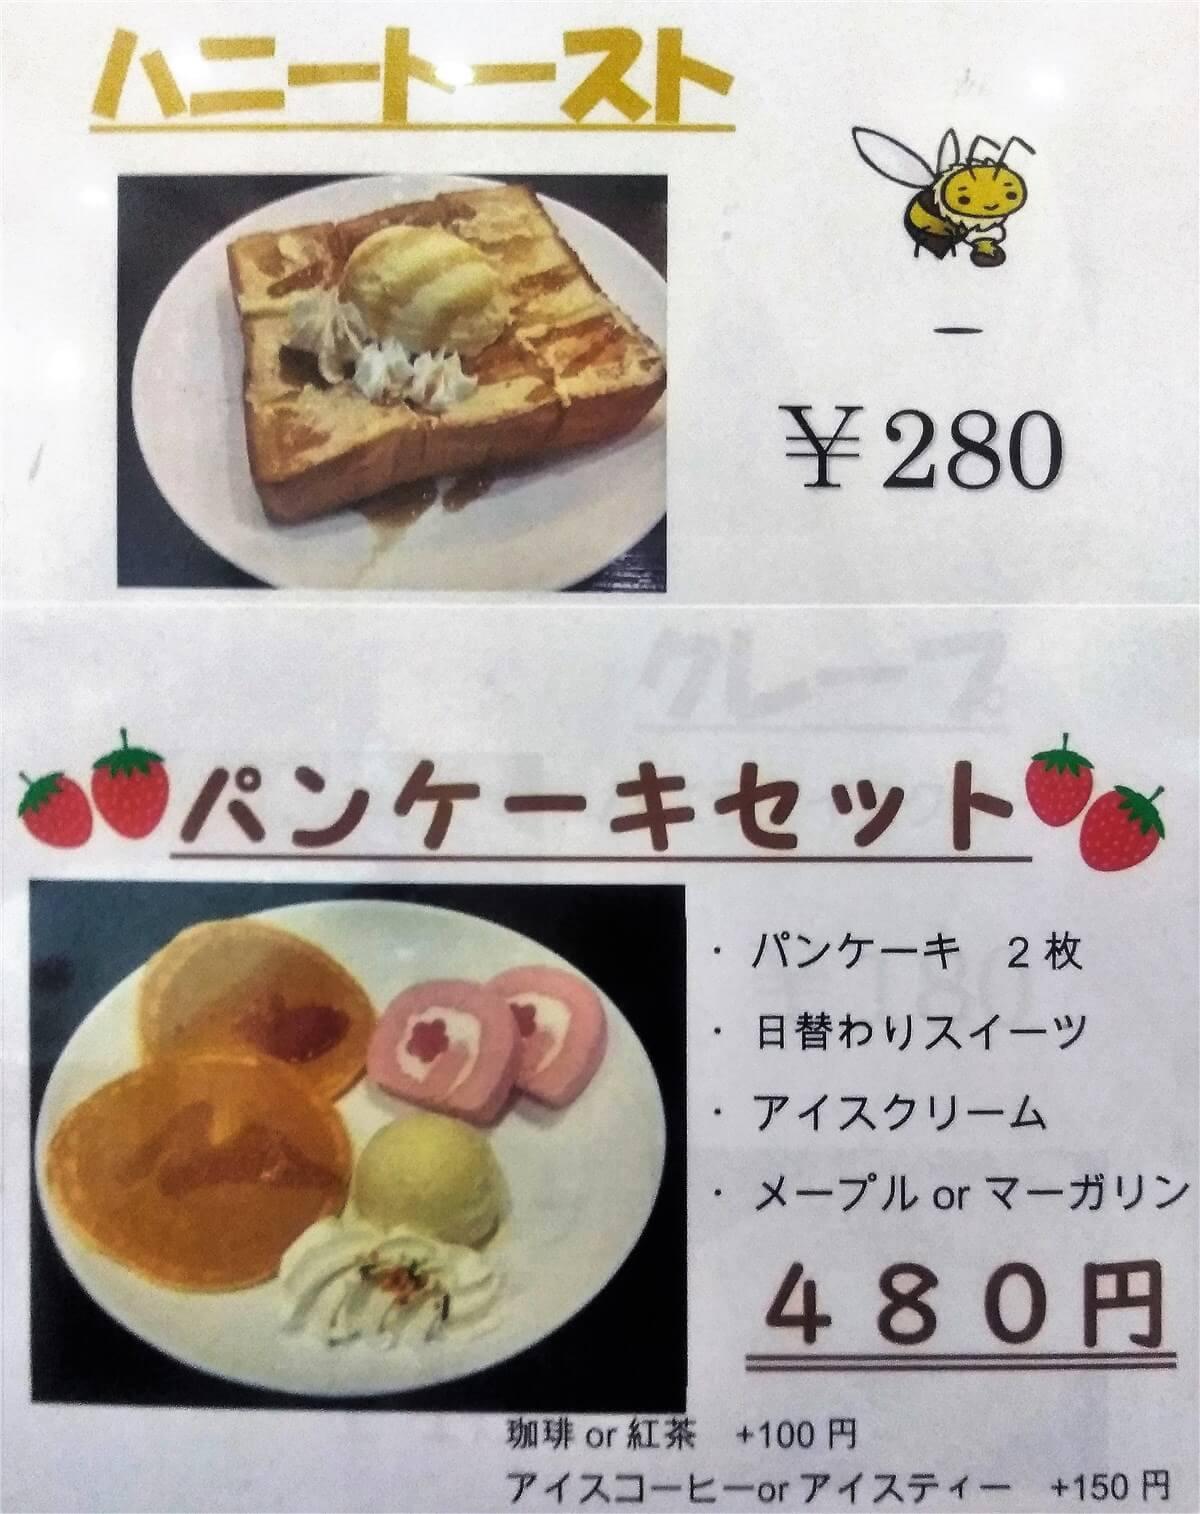 ハニートースト・パンケーキセットのメニュー